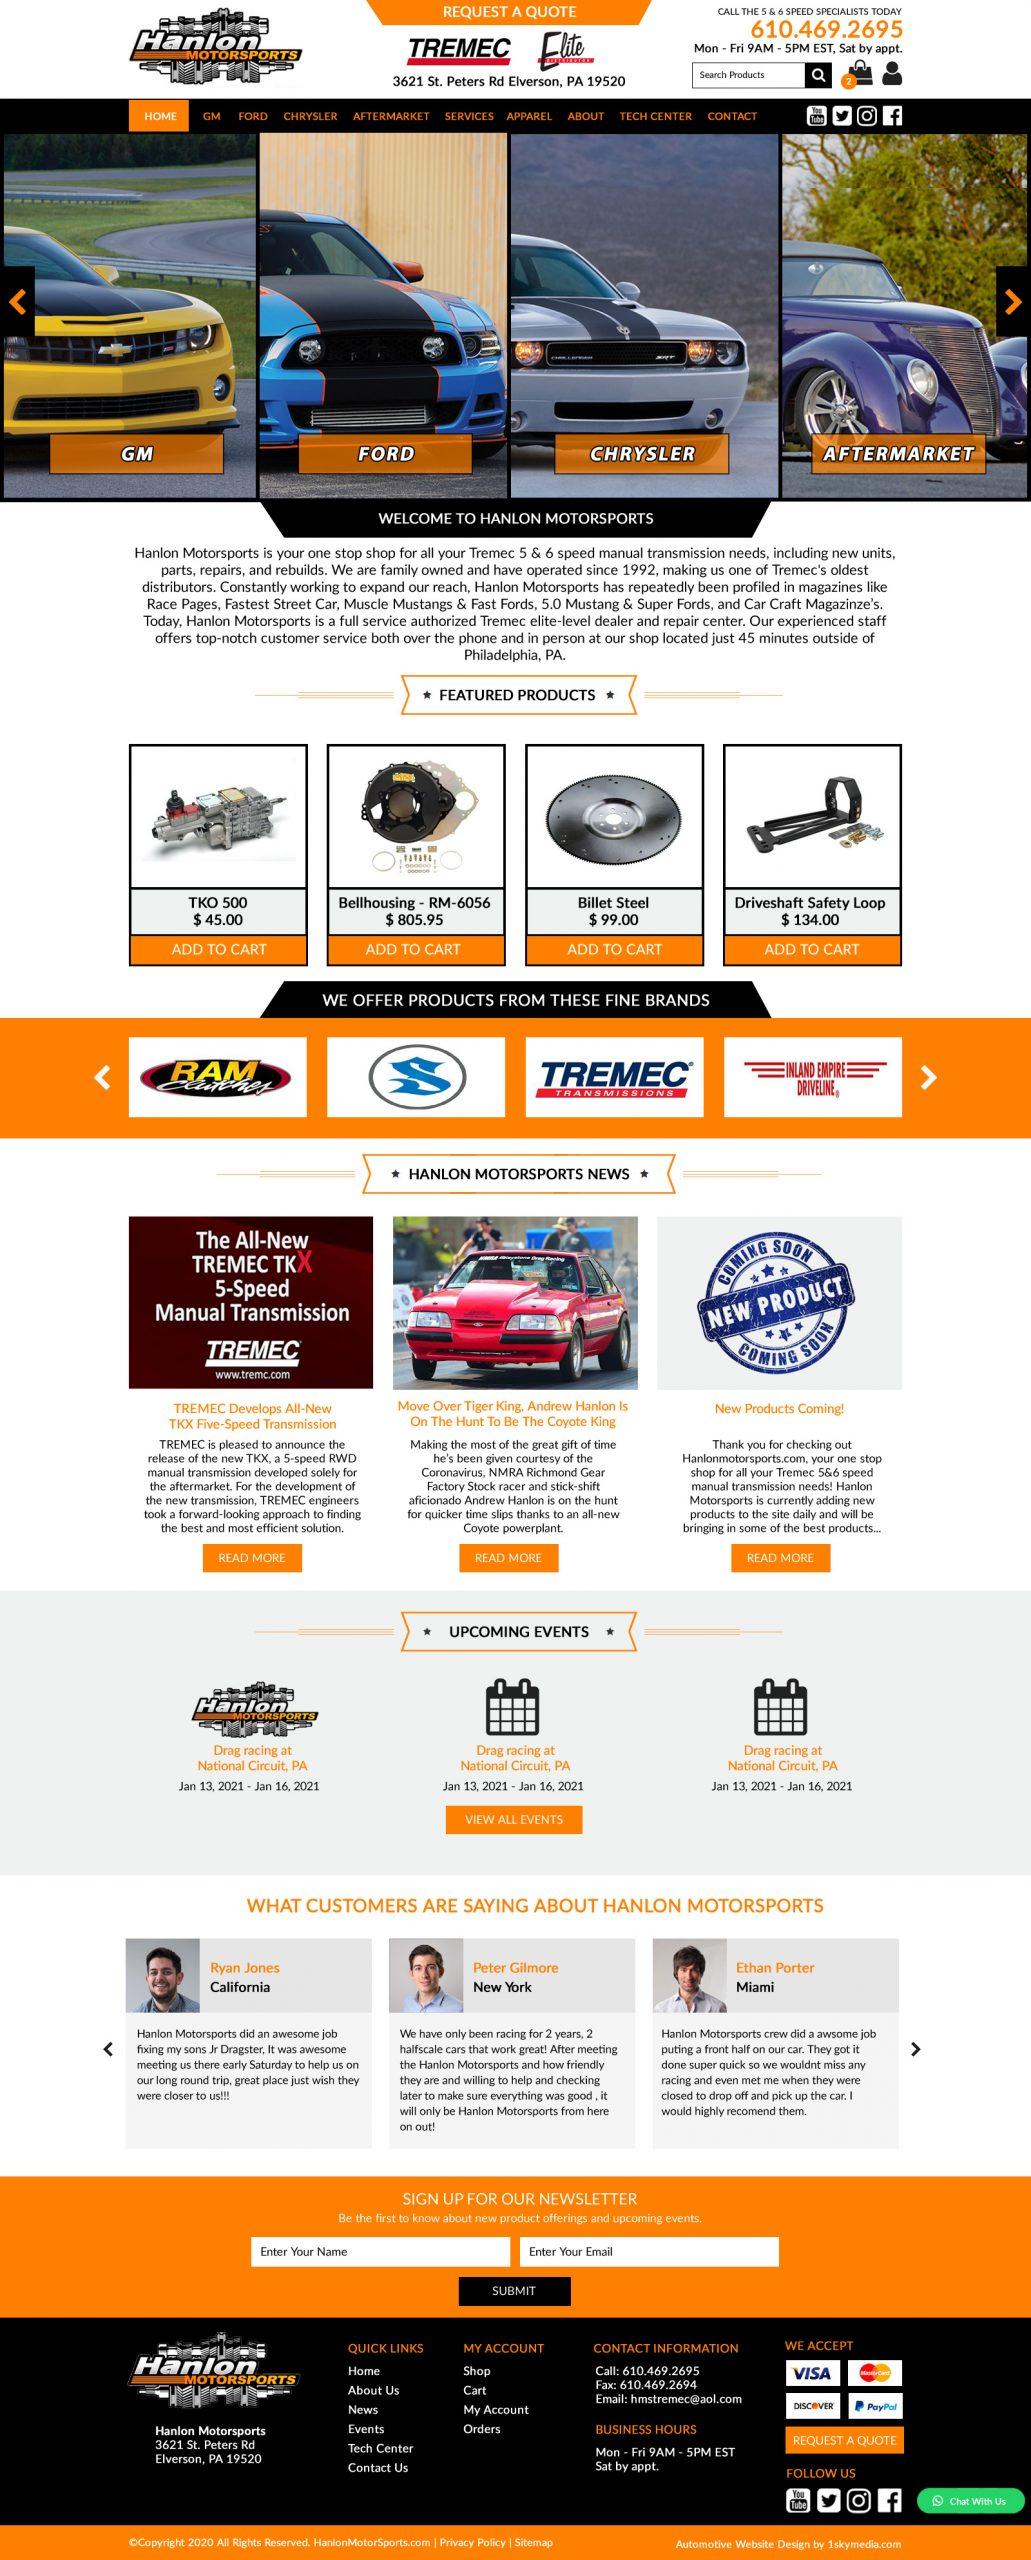 Manual Transmision Sales Website Design